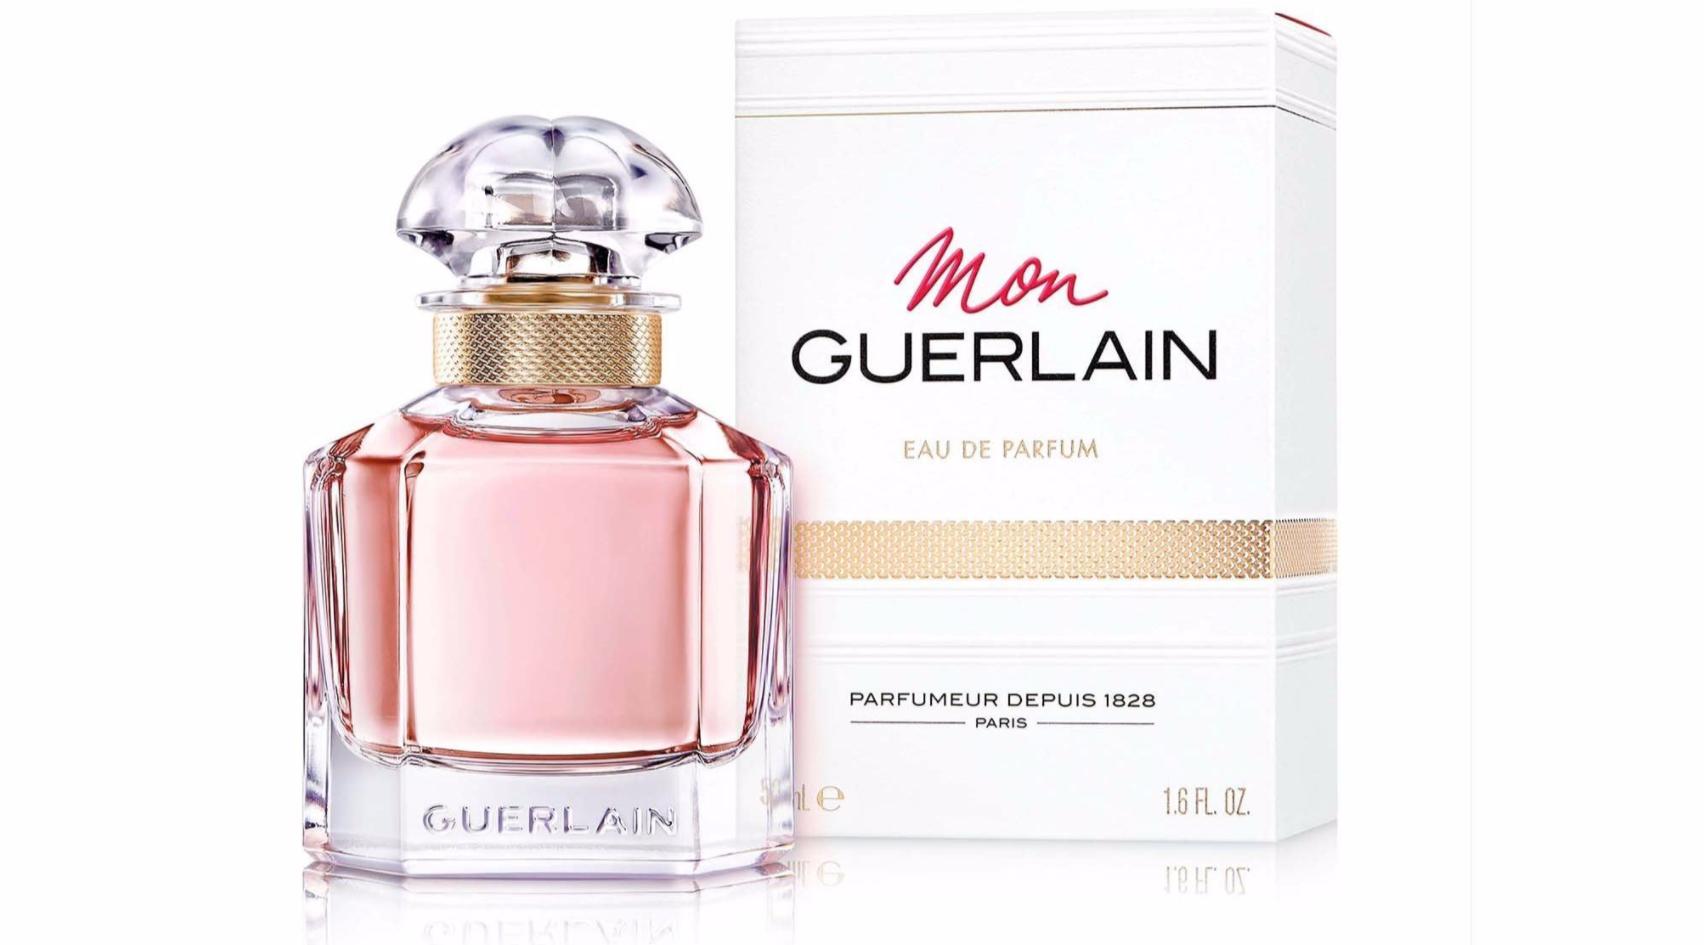 Mon Guerlain - eau de parfum